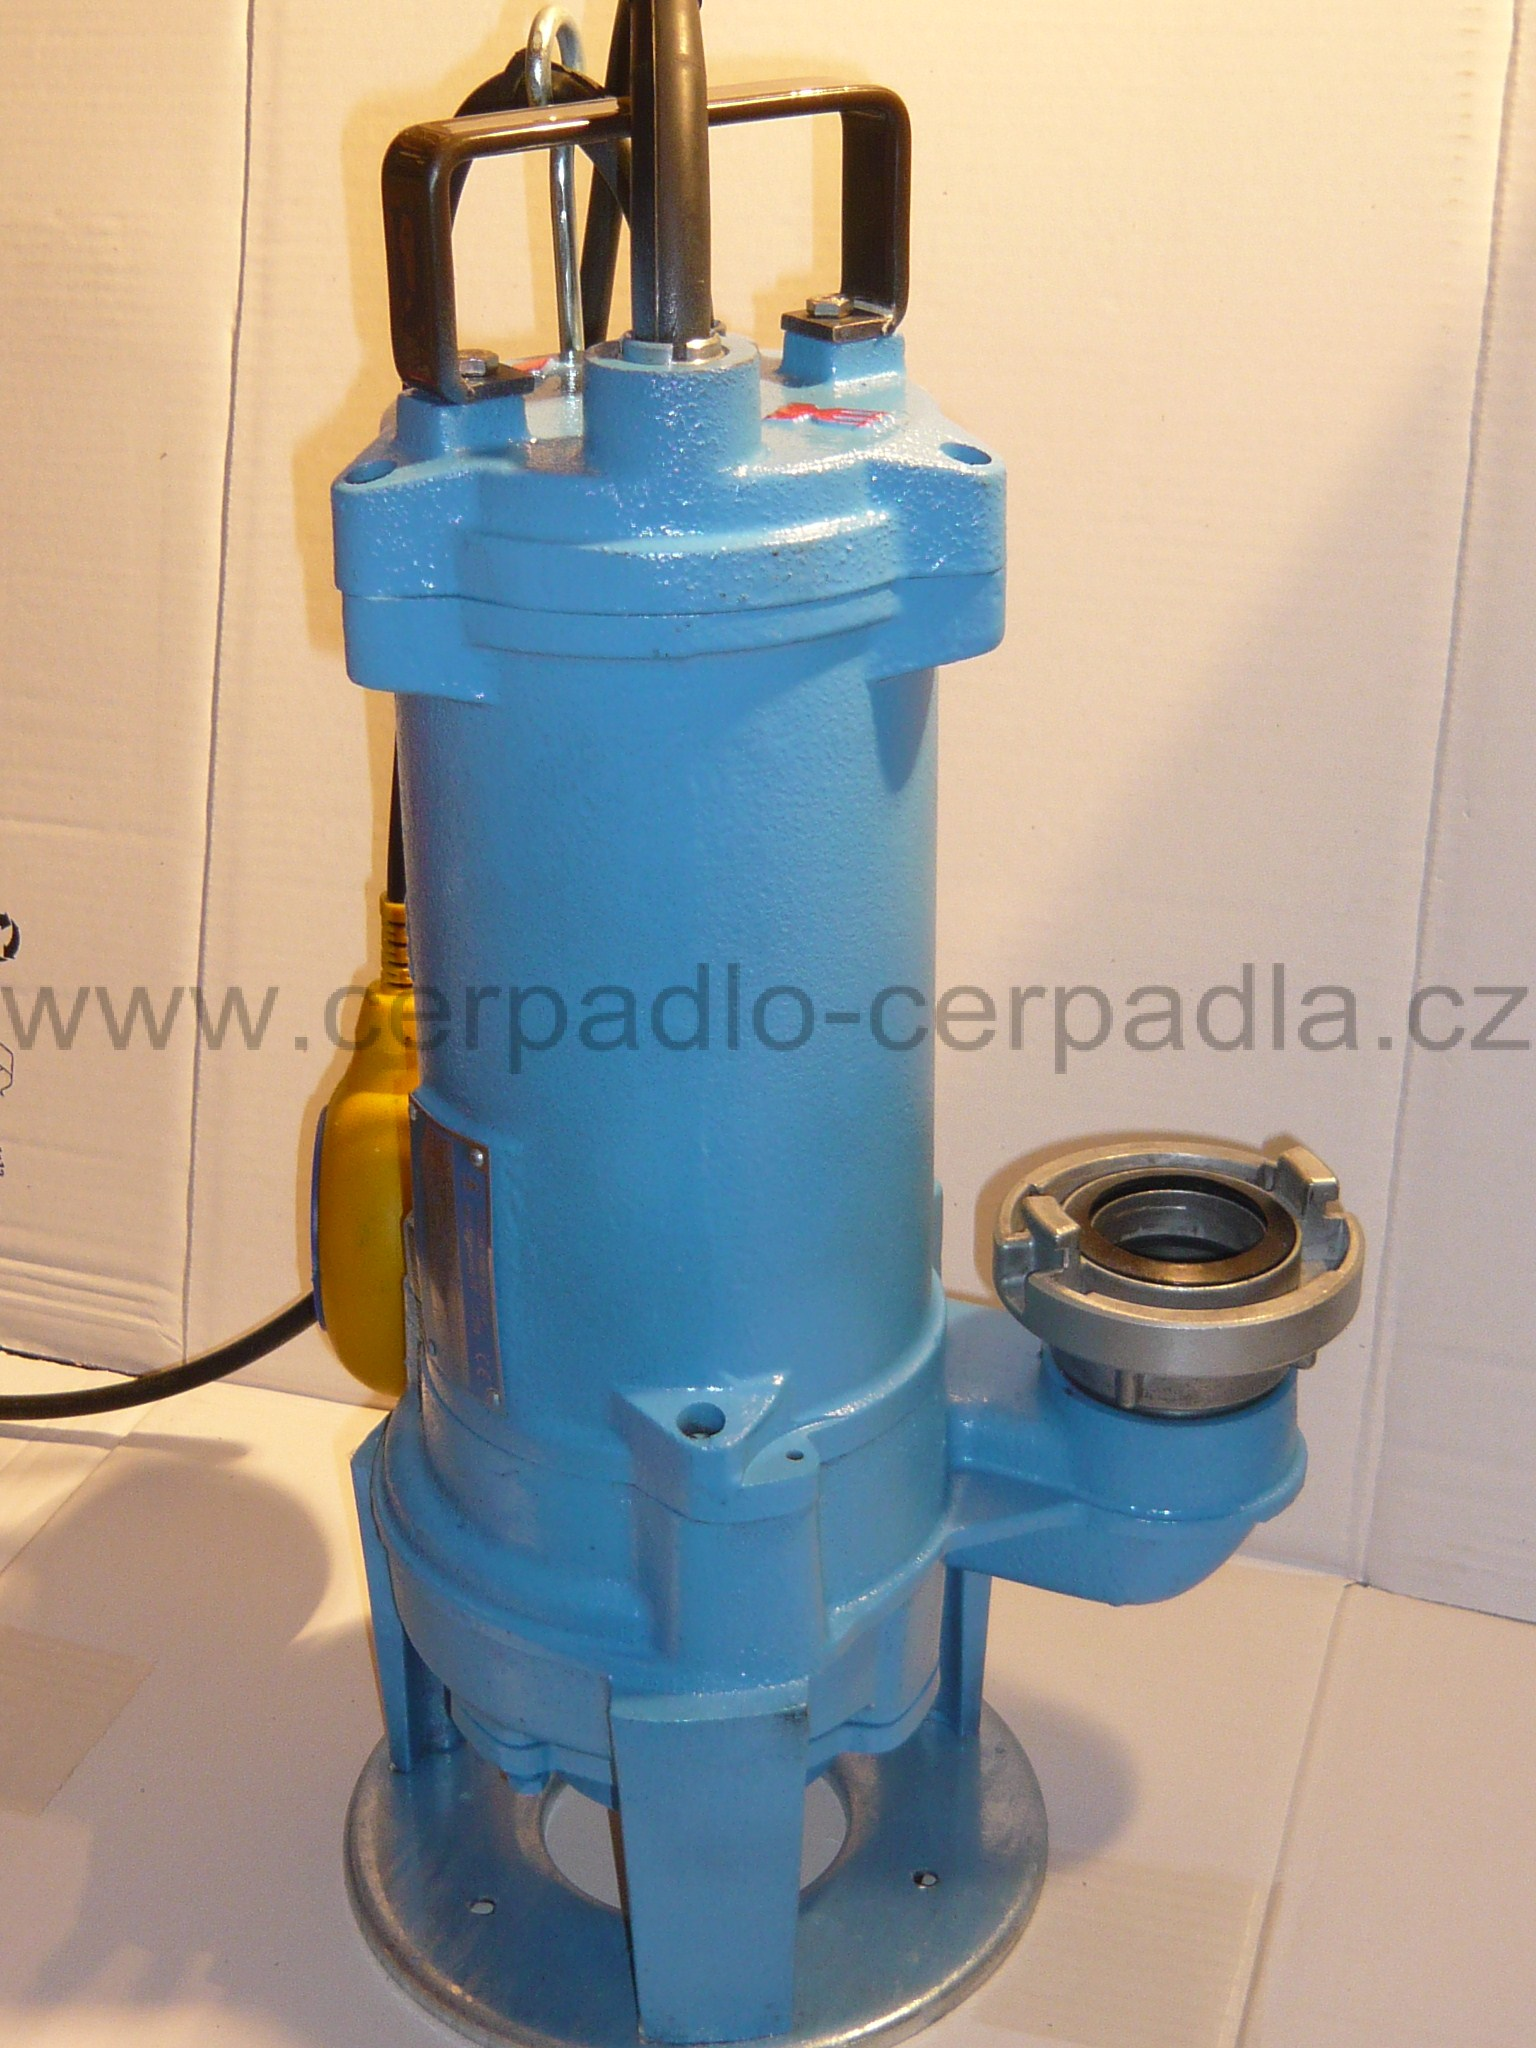 50-GFLU (MH) 230V s plovákem, SIGMA, kalové čerpadlo (50-GFLU 230V s plovákem, kalové čerpadlo, kalová čerpadla, Sigma)